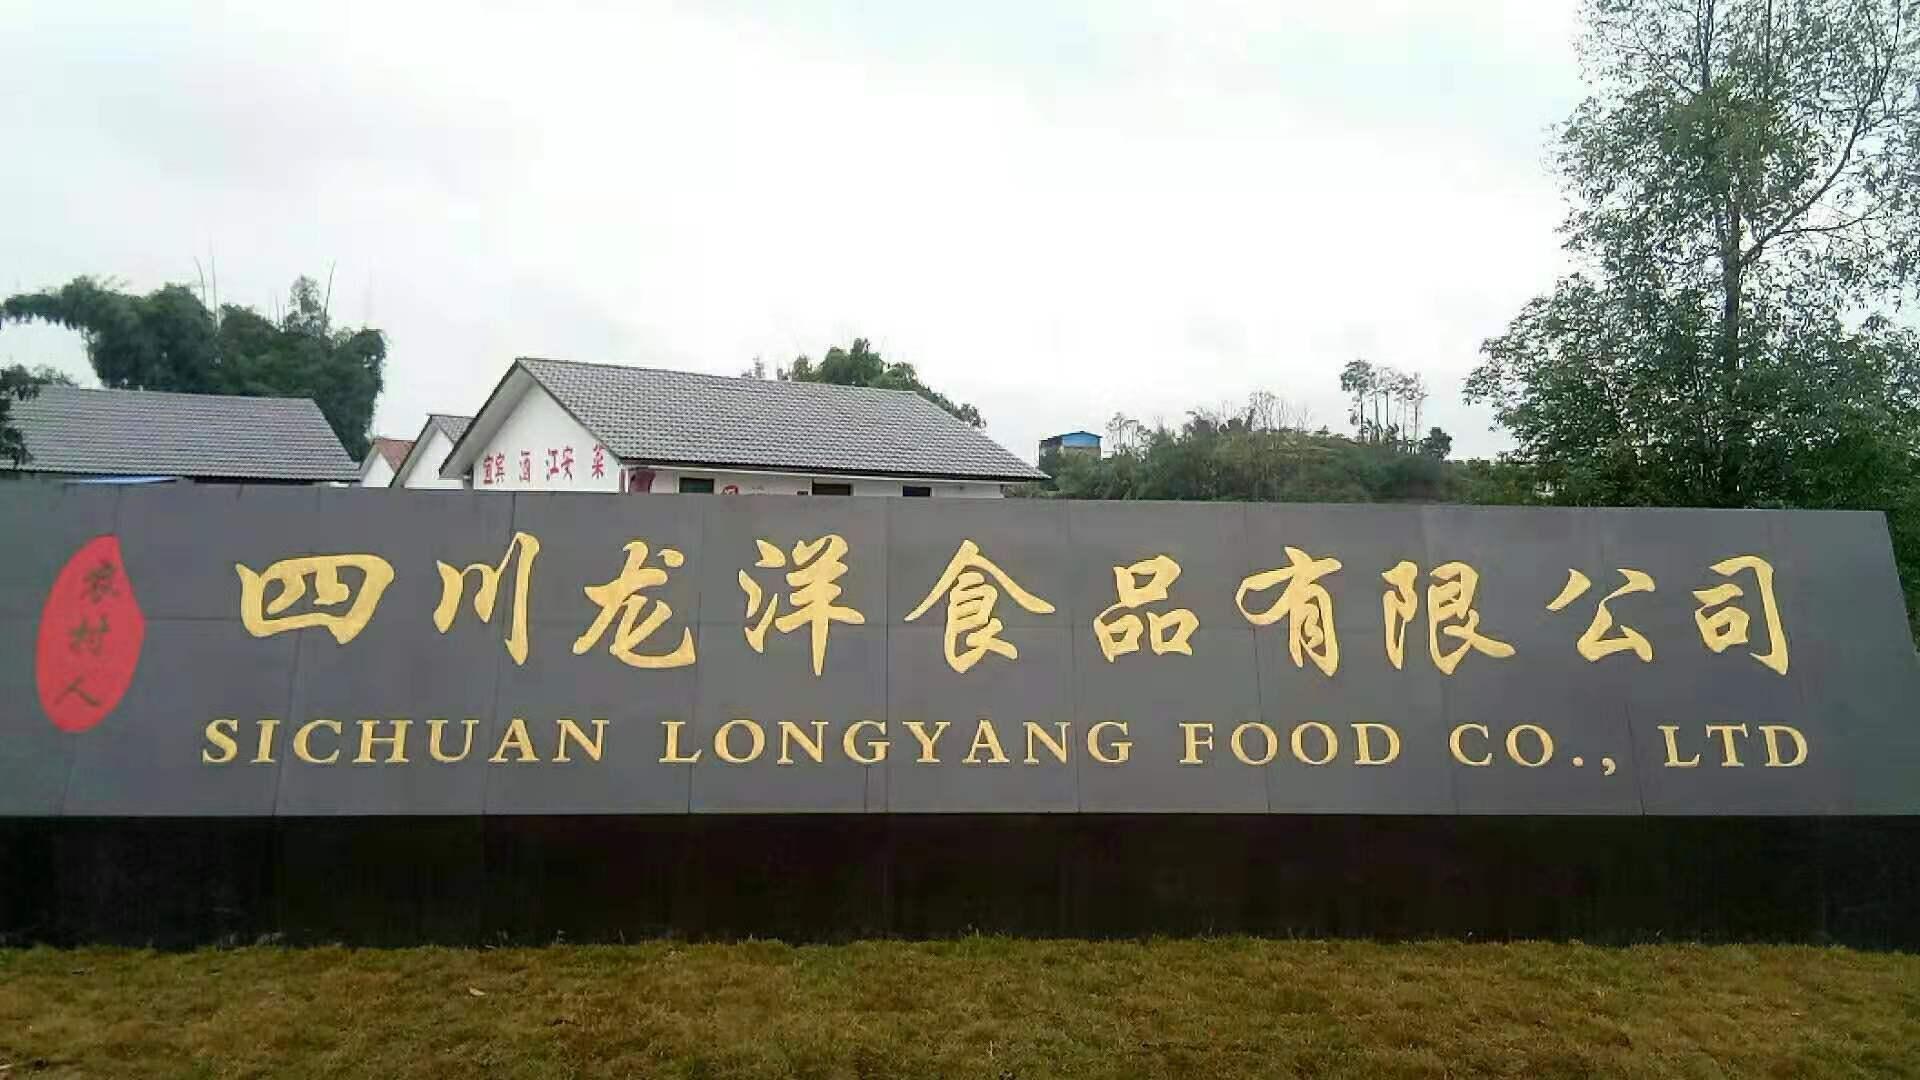 四川龙洋食品有限公司